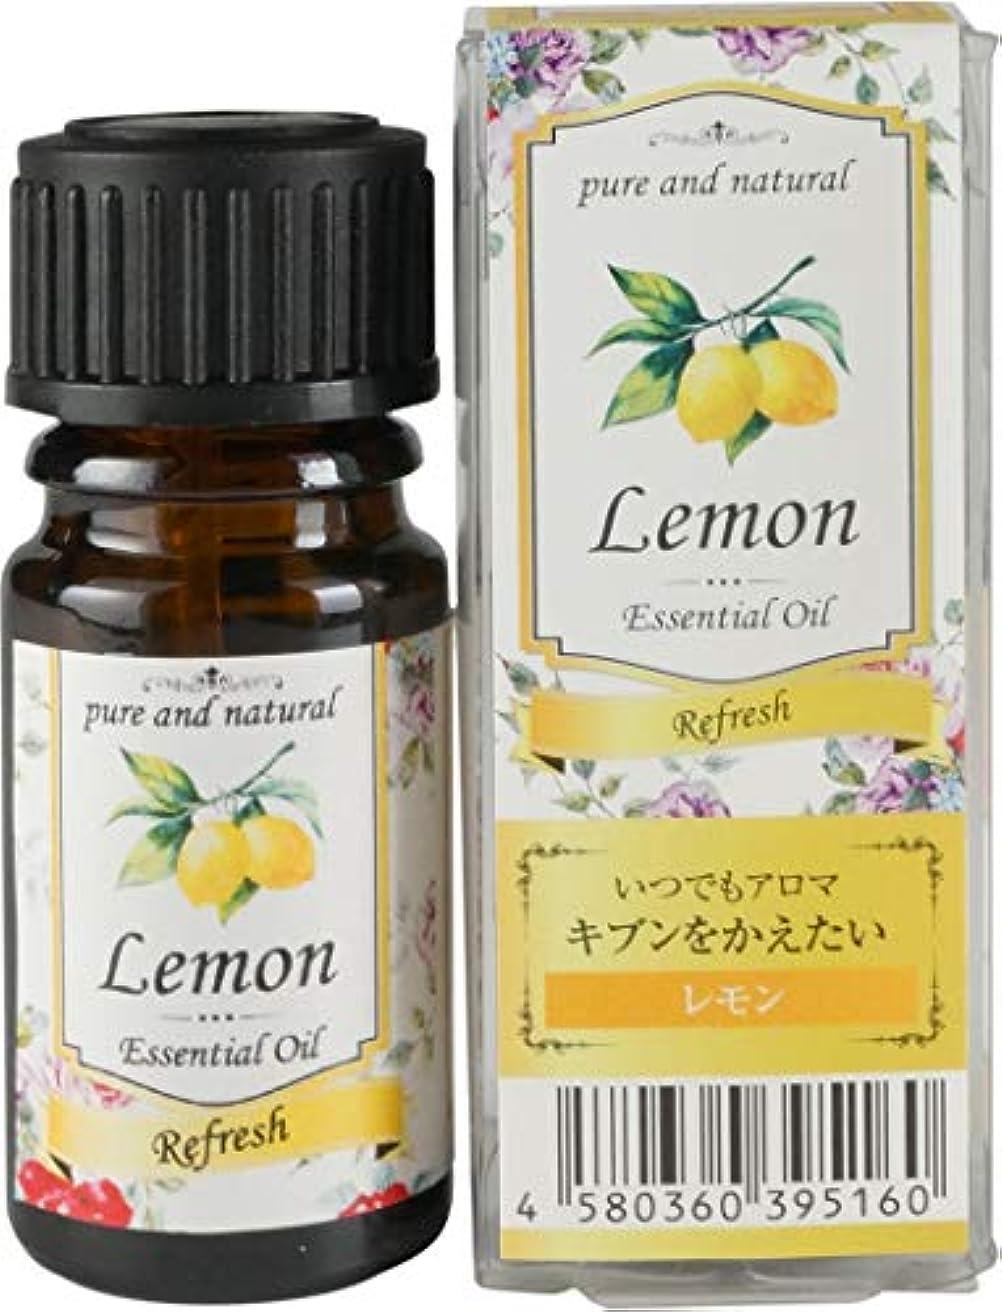 スイス人脇に不健全いつでもアロマ レモン 3ml アロマオイル